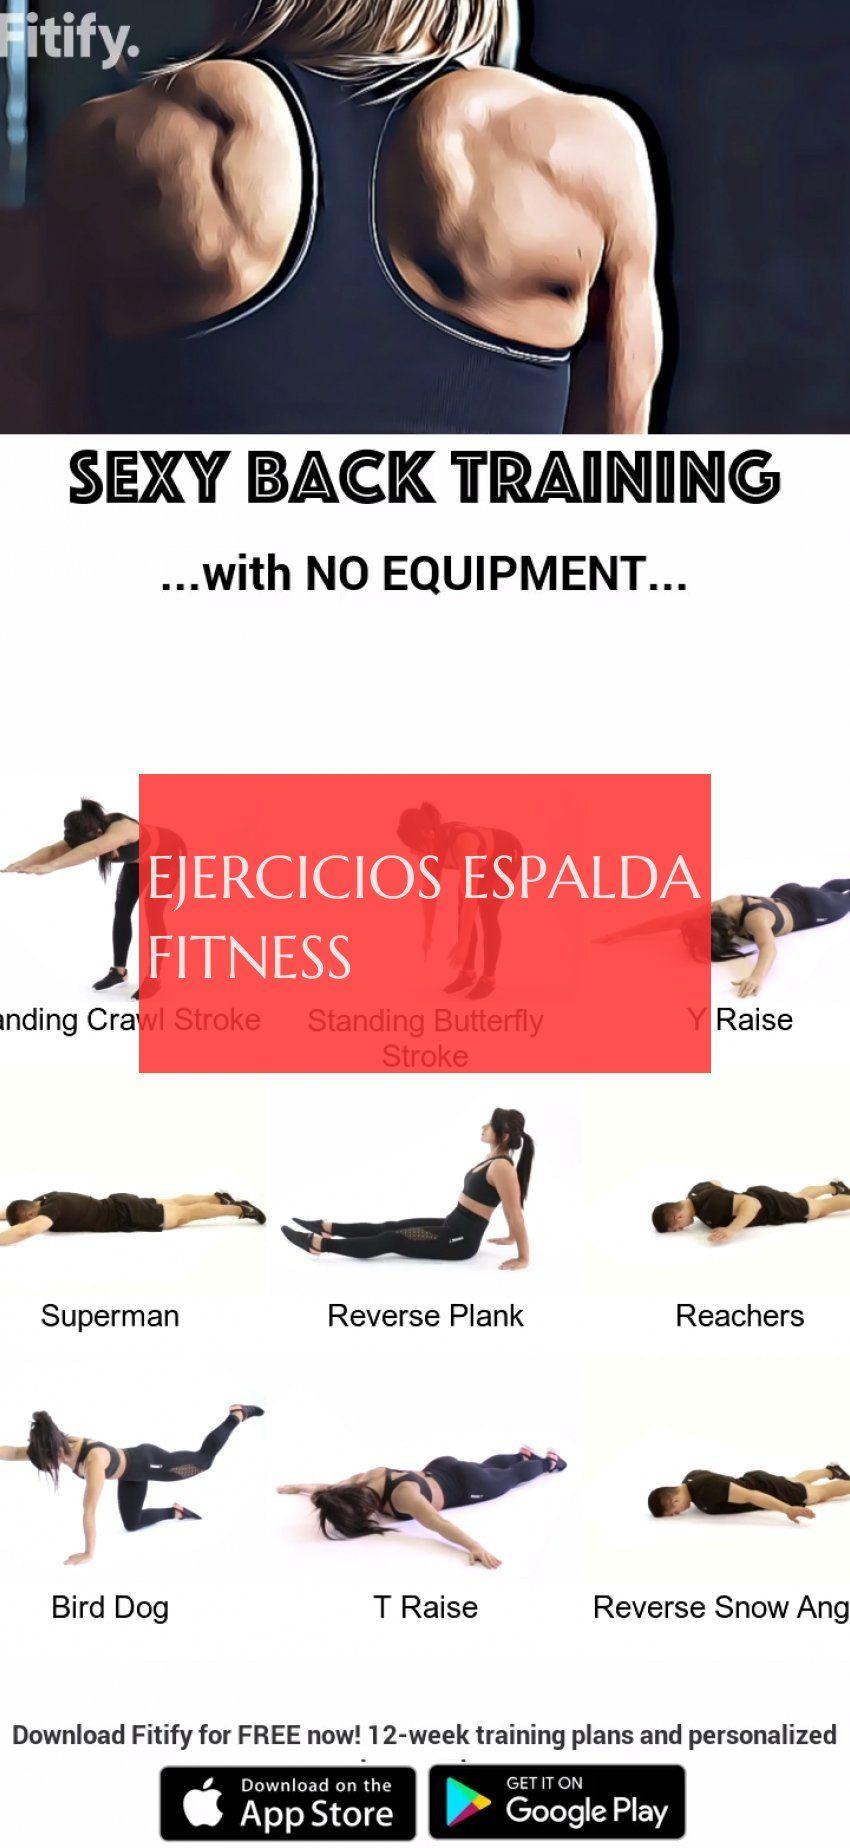 ejercicios espalda fitness #ejercicios #espalda #fitness